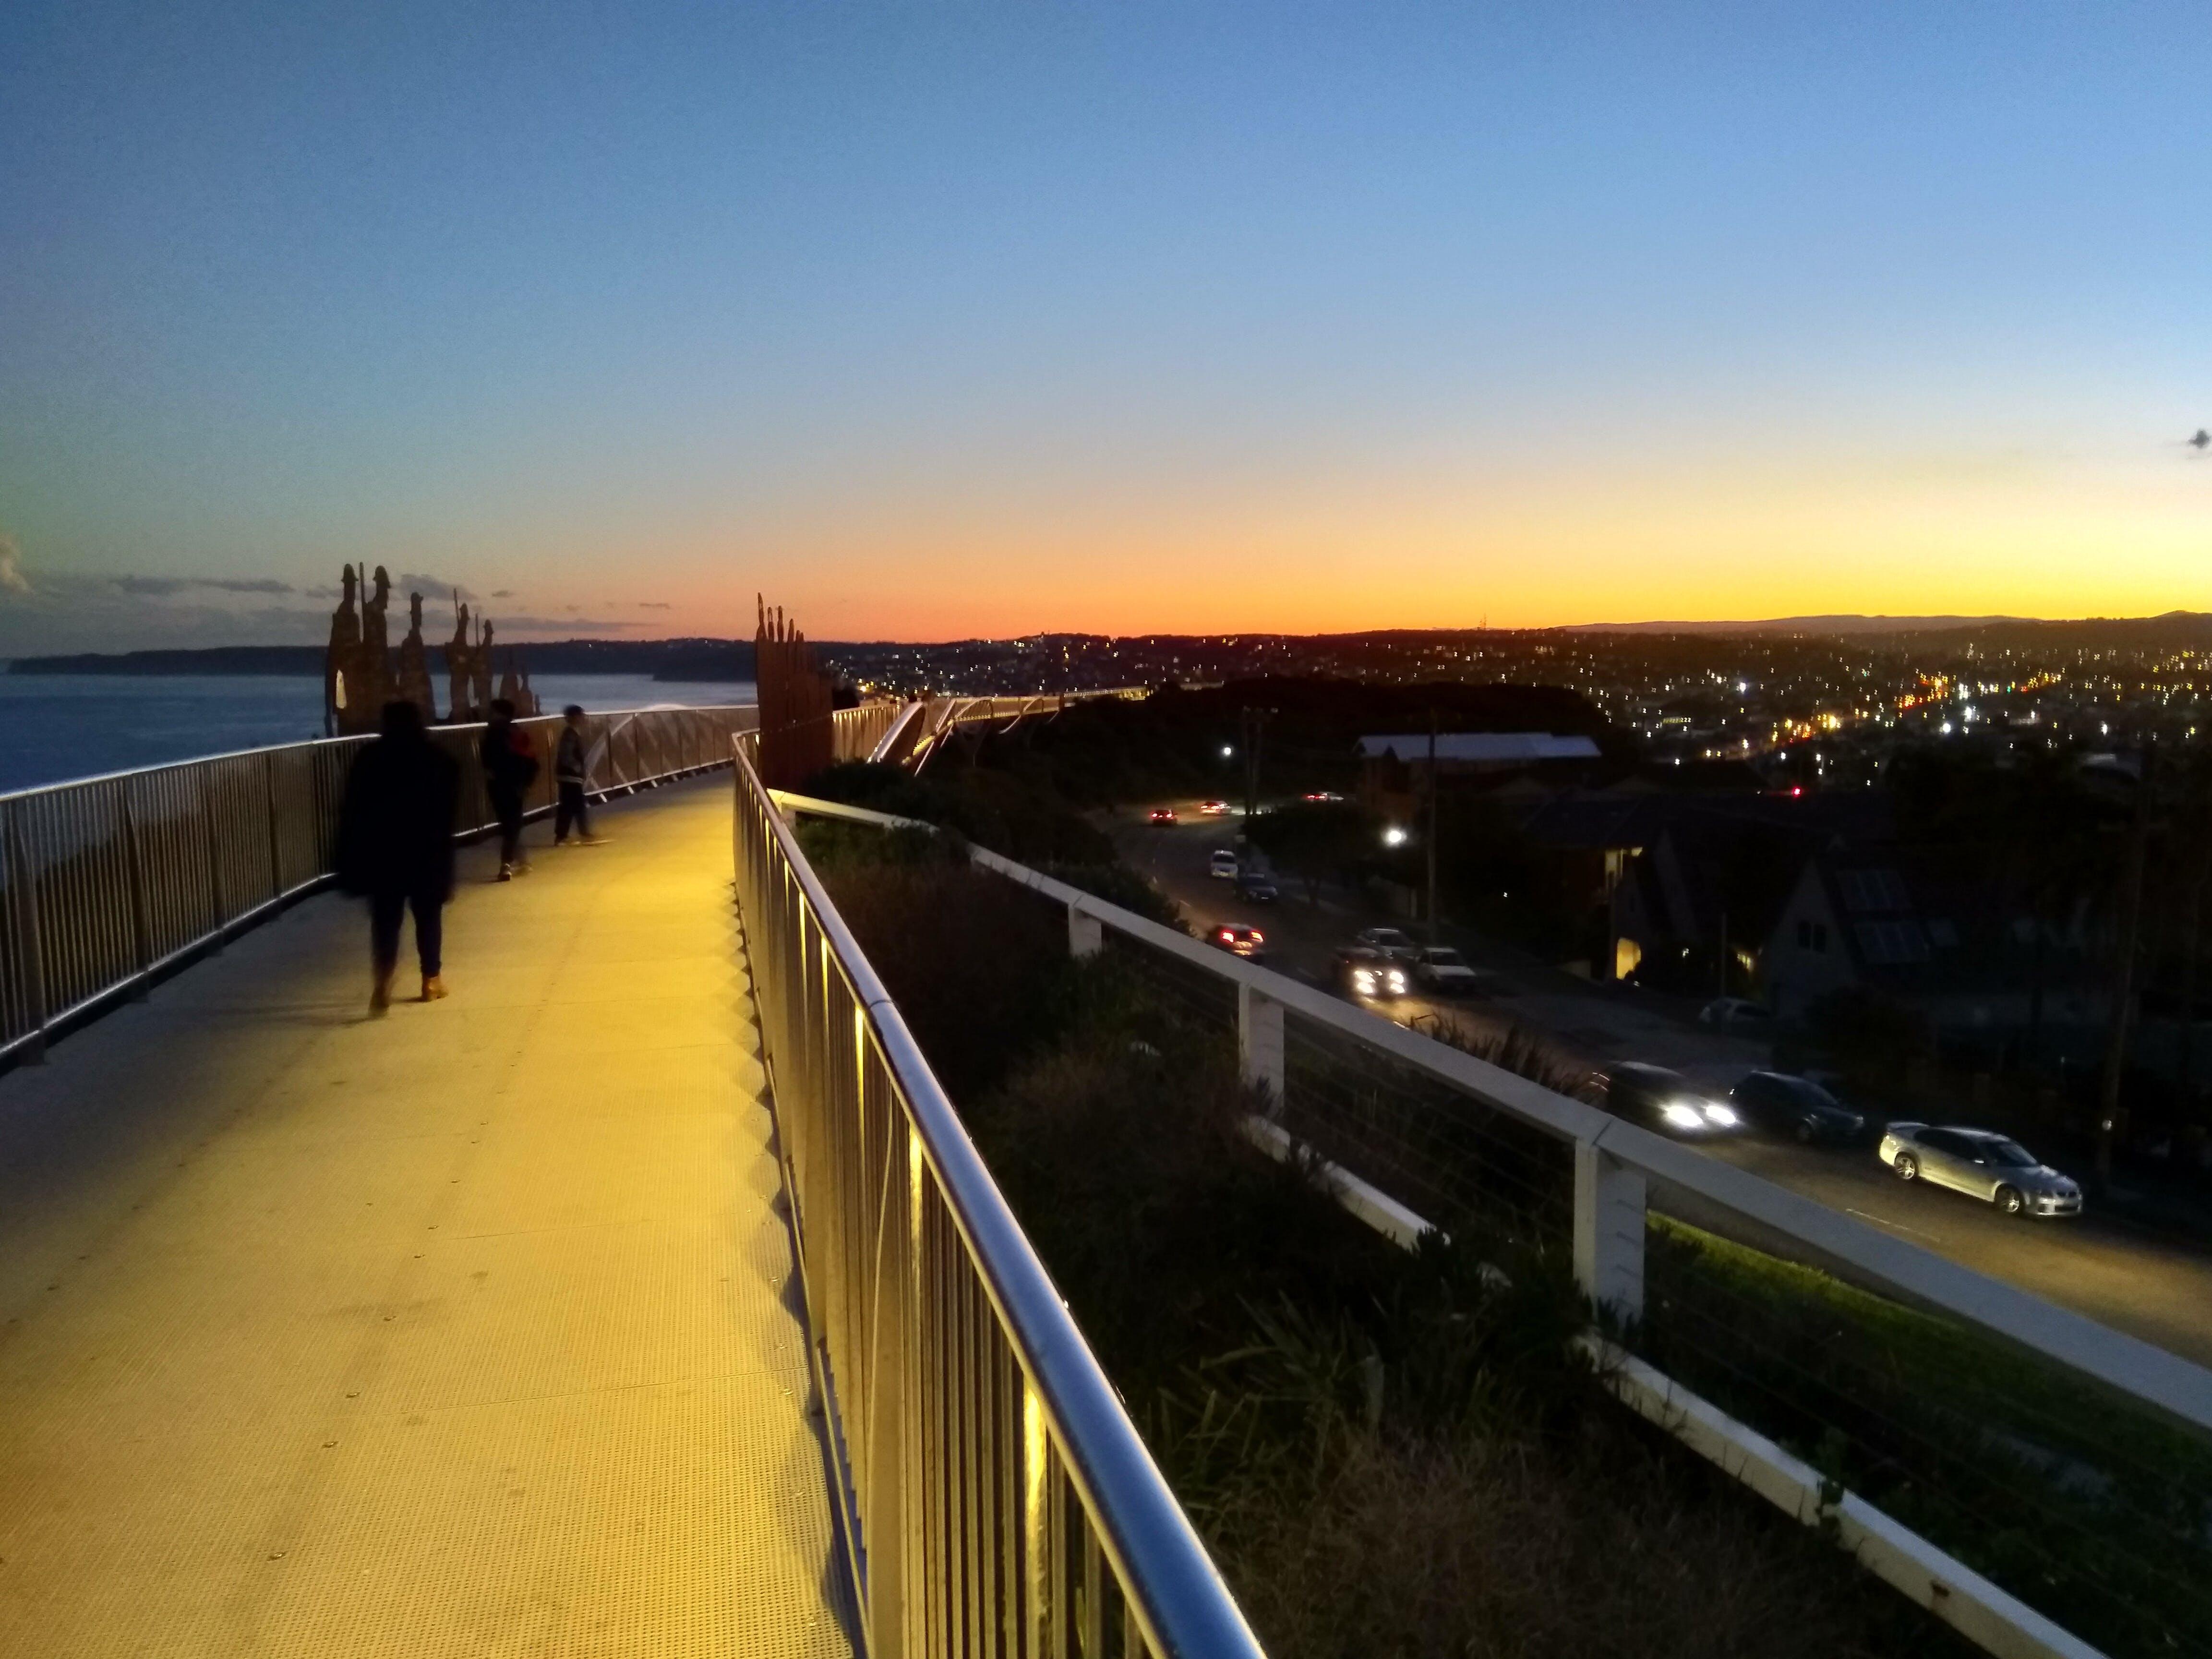 Free stock photo of Anzac Walk, city by night, Newcastle NSW by Night, sunset